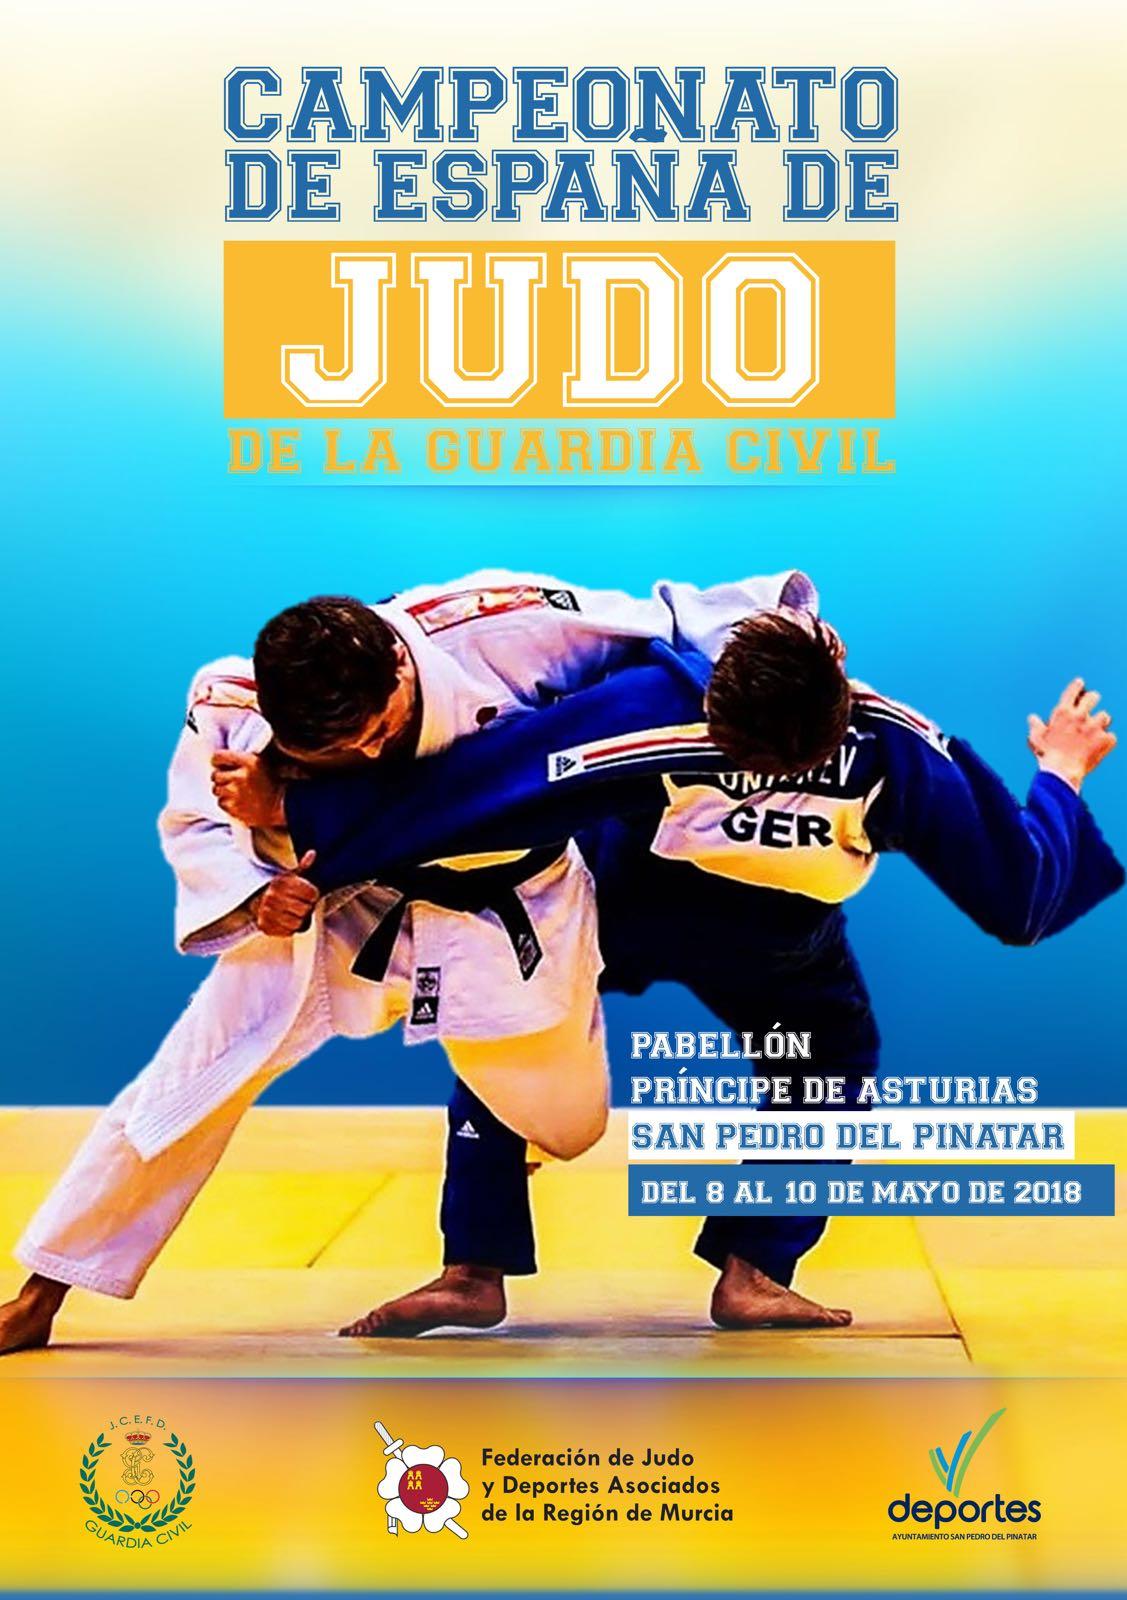 campeonato de España de judo de la Guardia Civil